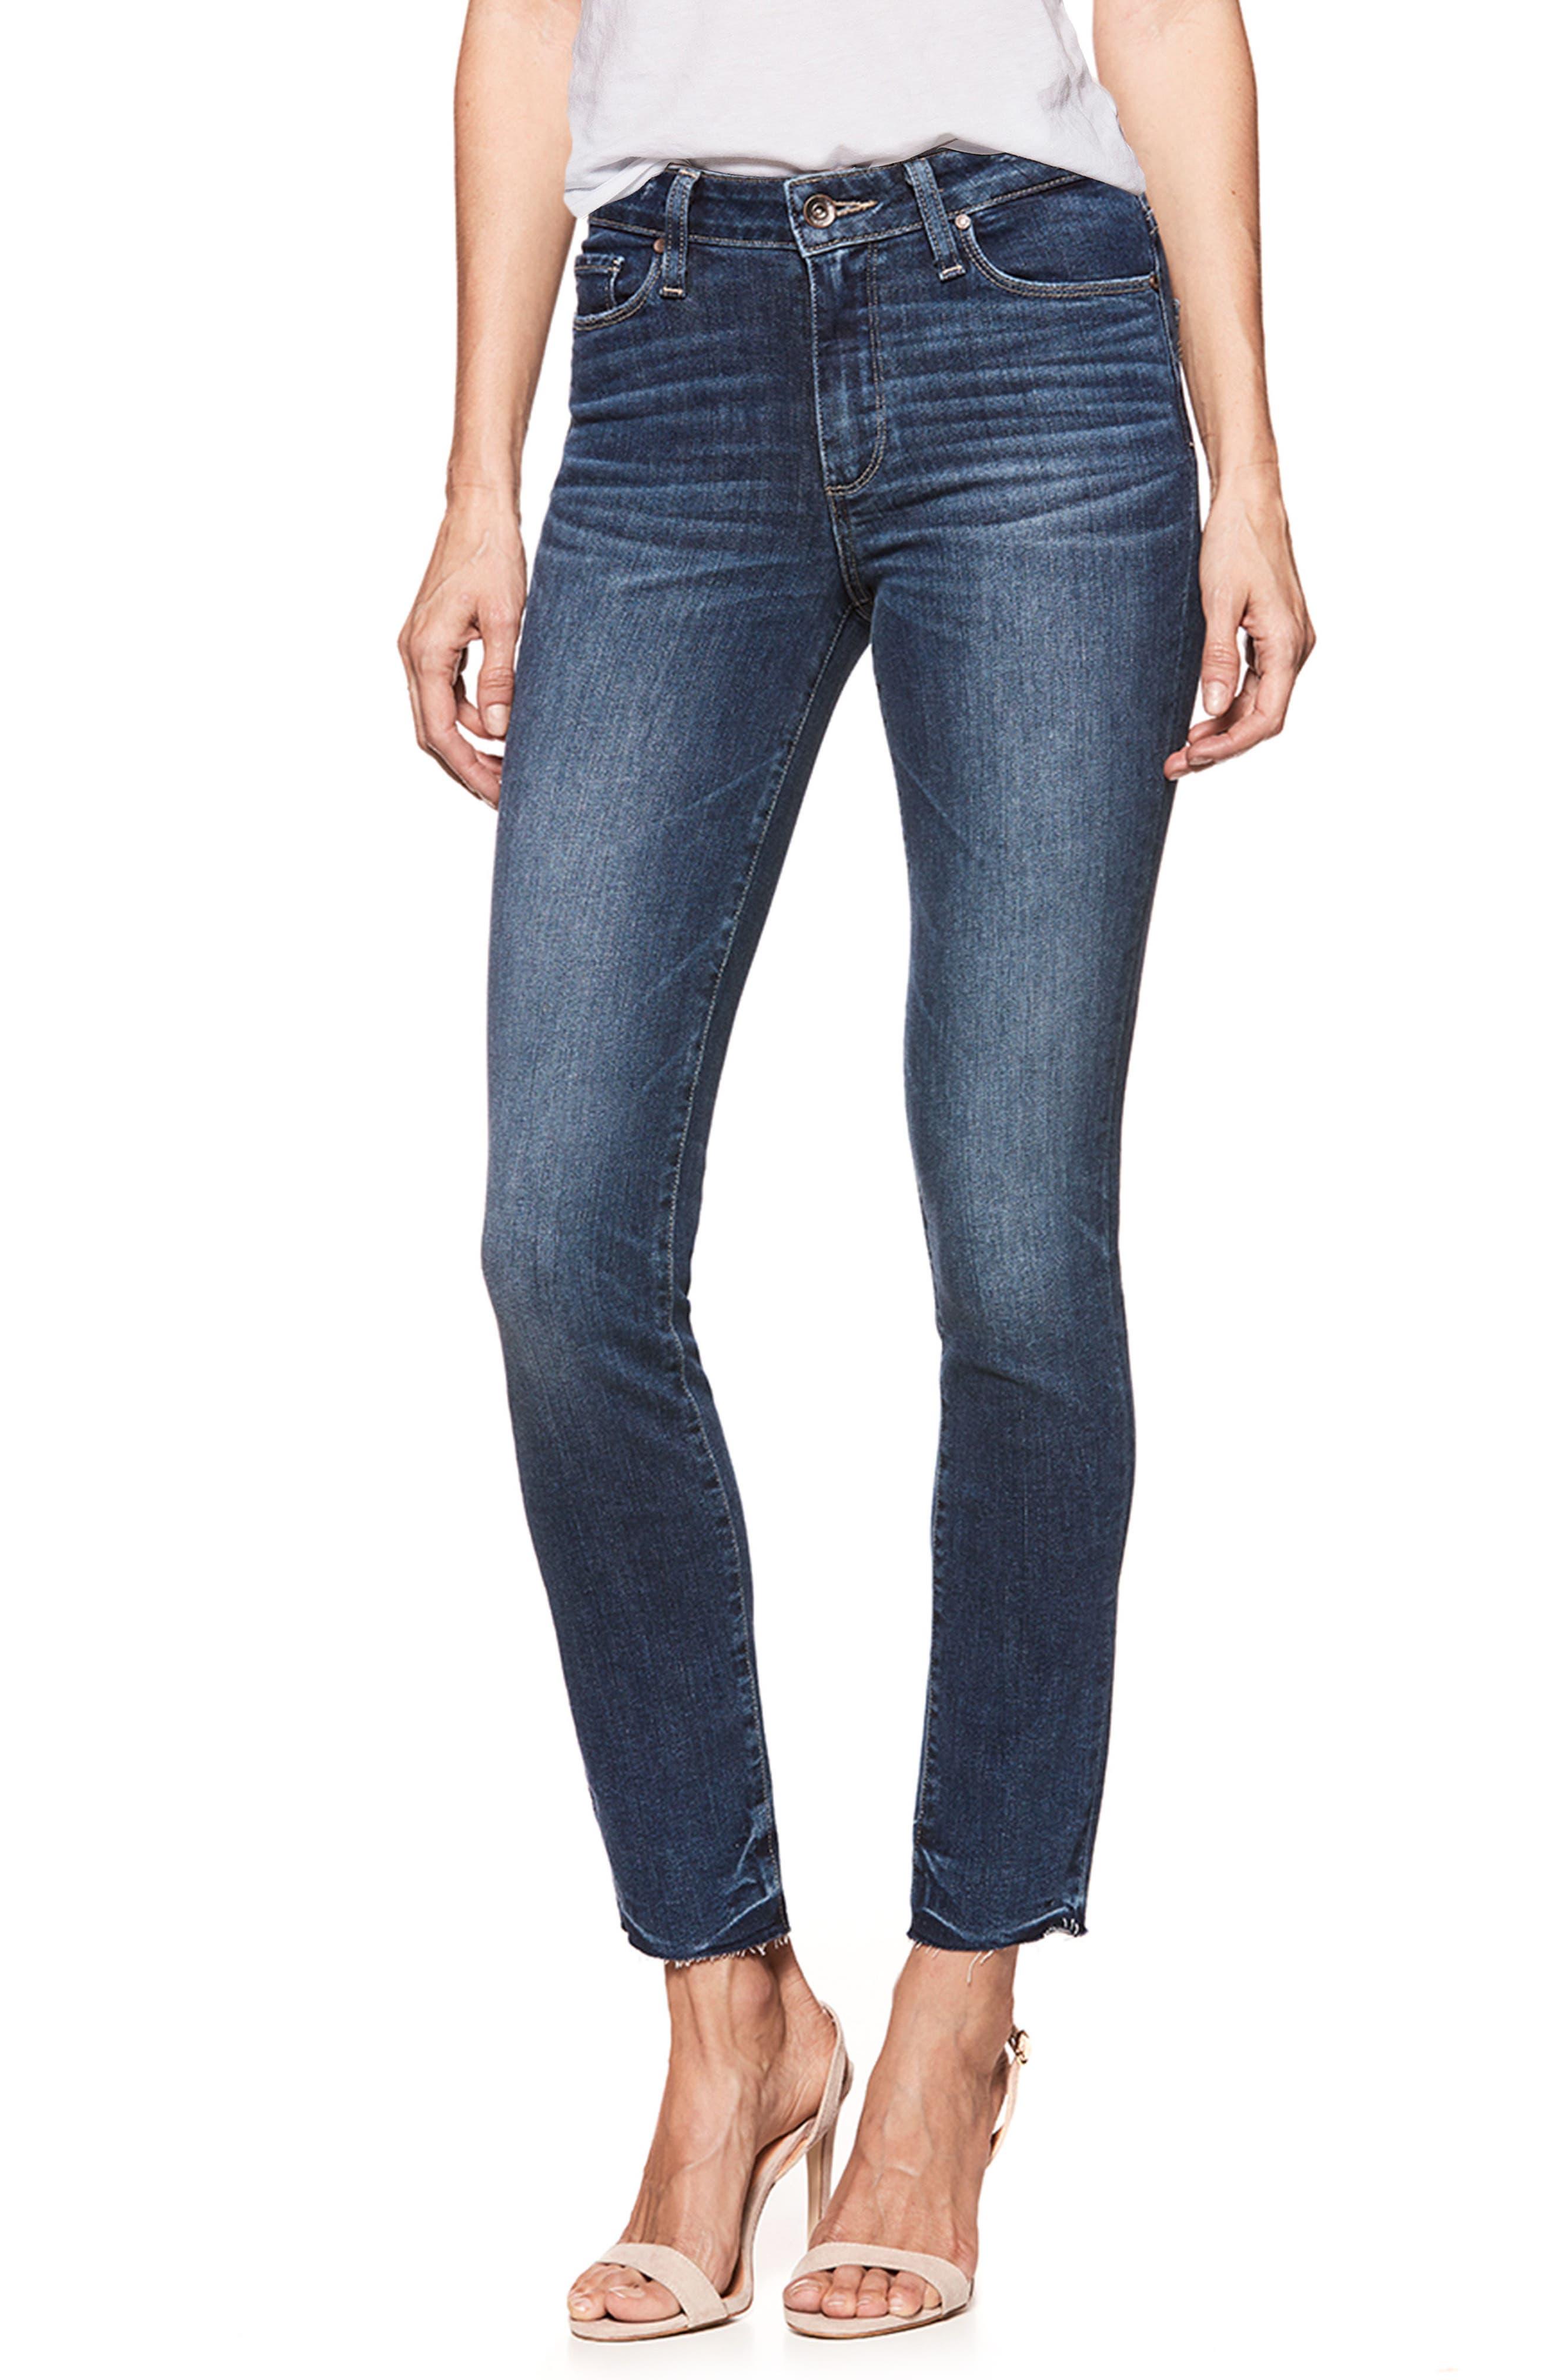 Transcend Vintage - Hoxton High Waist Ankle Peg Jeans,                             Main thumbnail 1, color,                             400